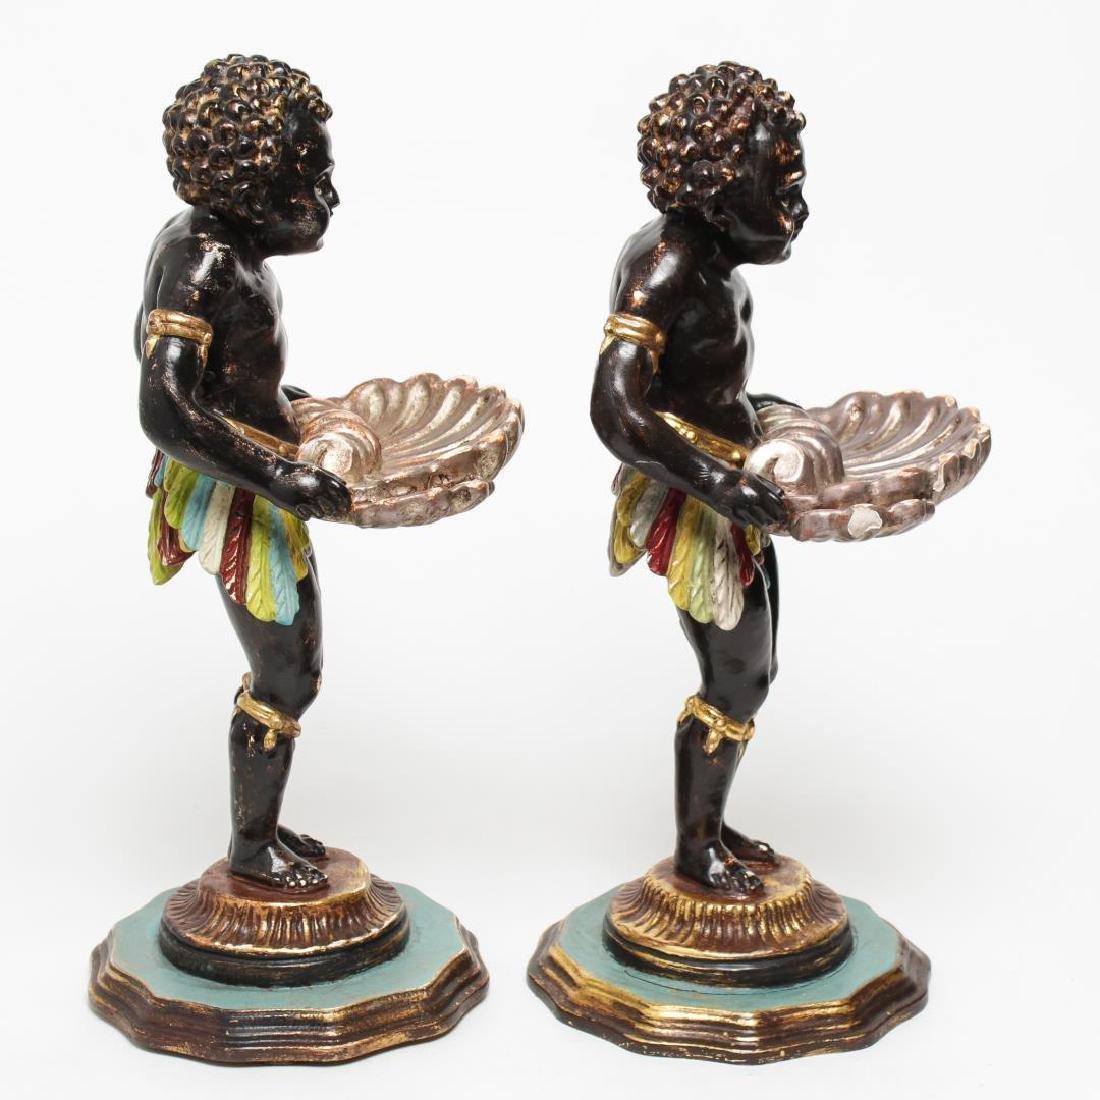 Italian Venetian Polychrome Wood Blackamoors, Pair - 2